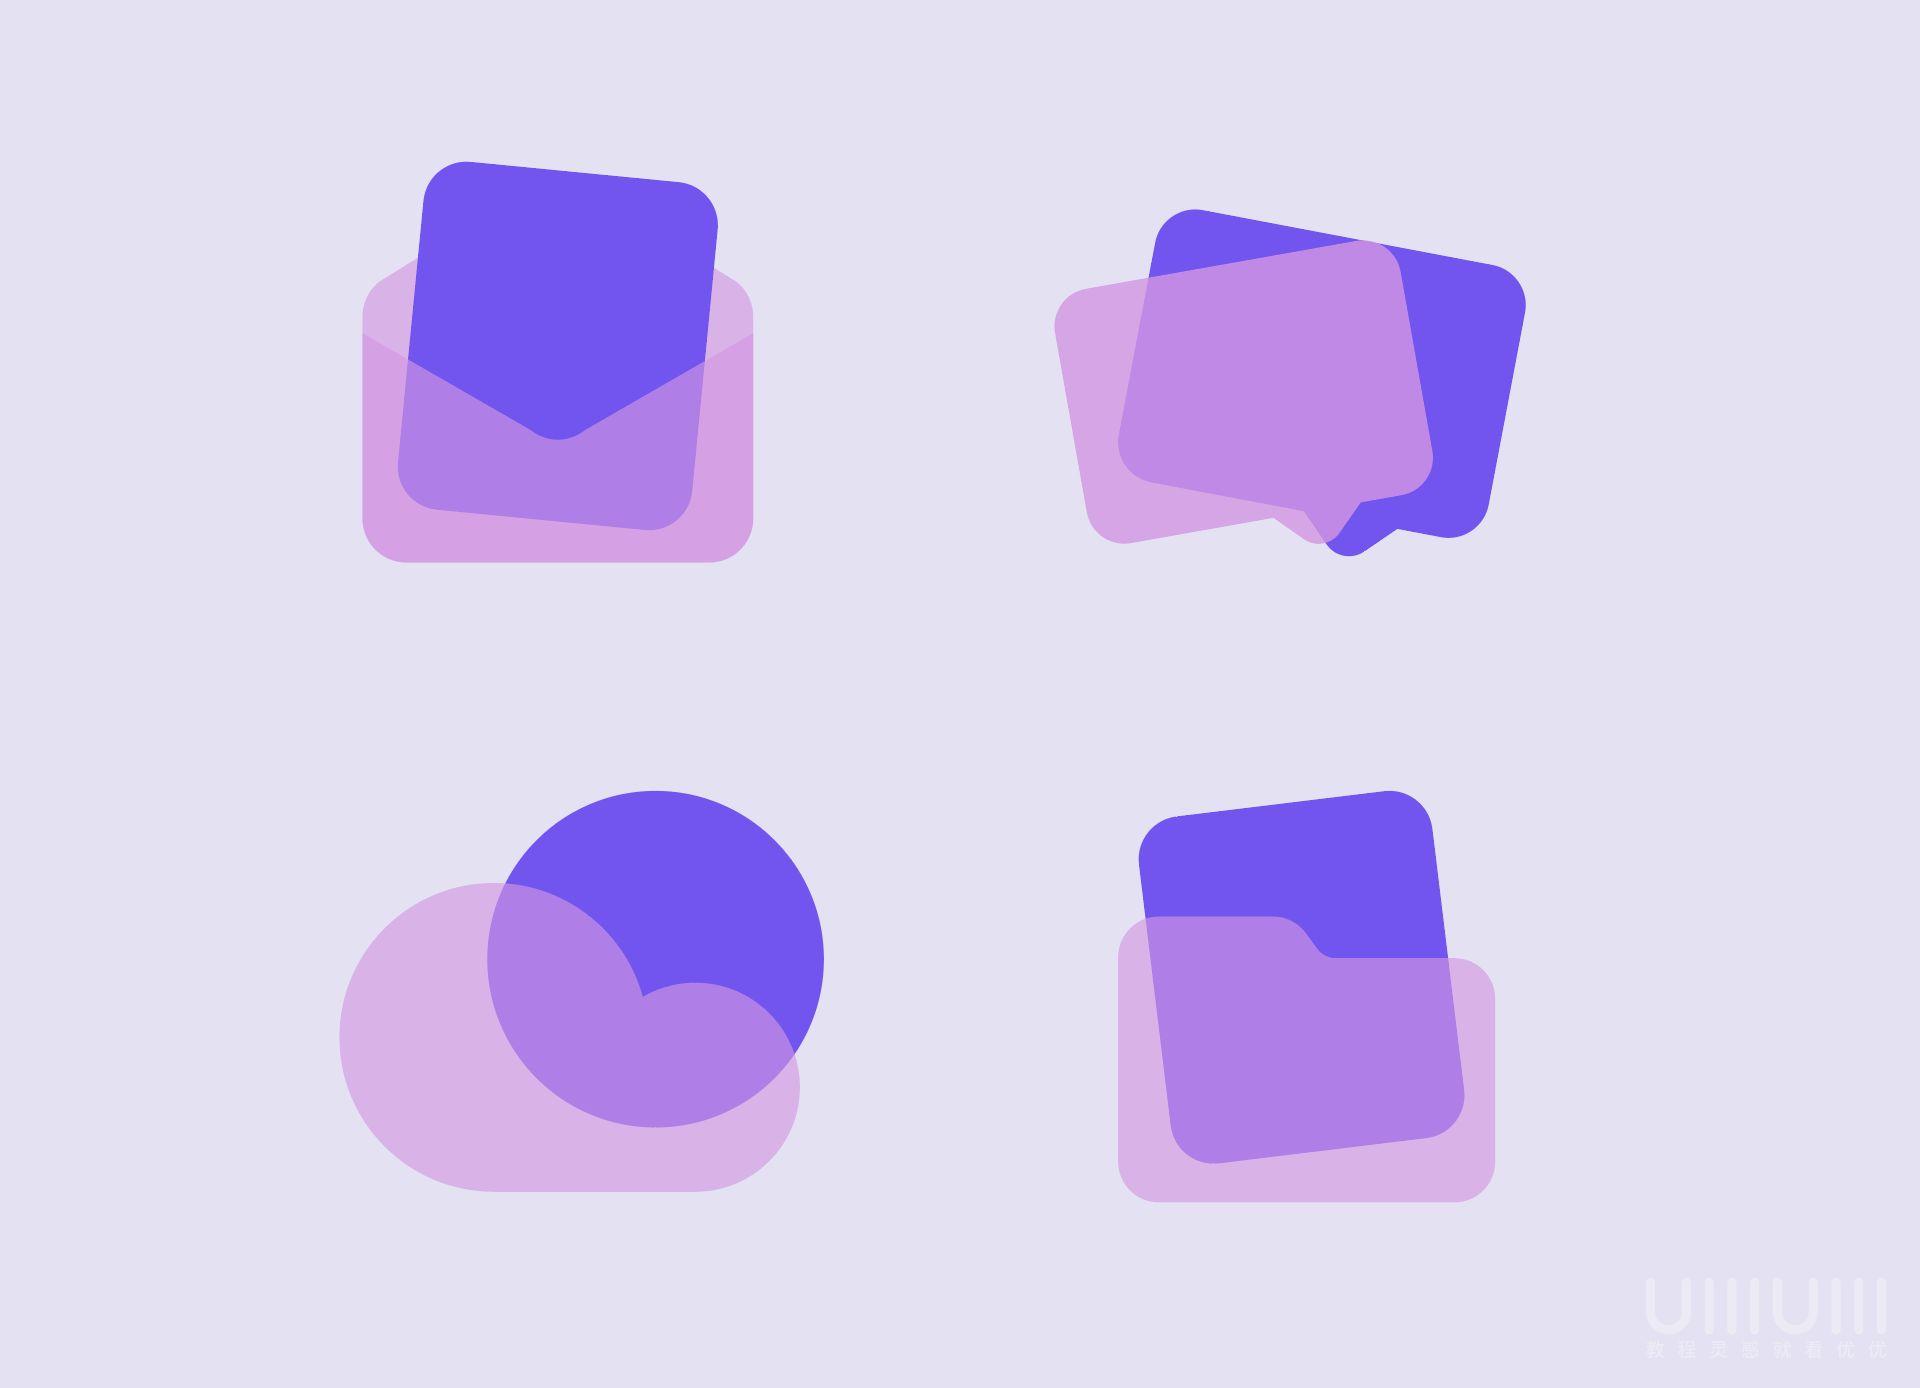 AI+PS教程!手把手教你制作毛玻璃质感UI图标!(含插件下载)